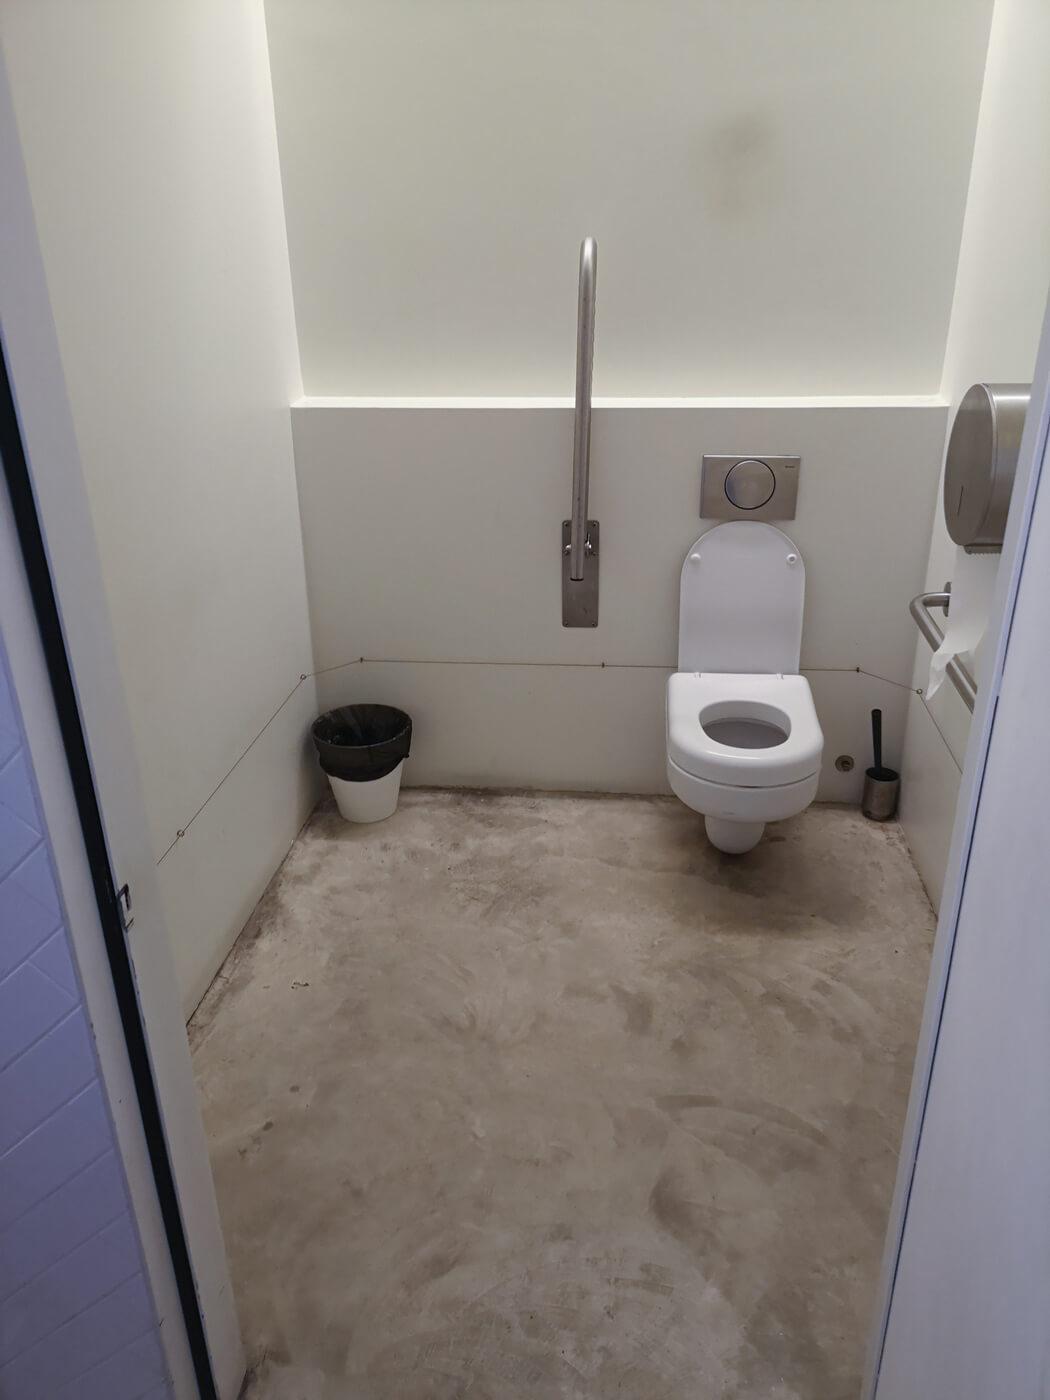 The accessible toilet at Espaço Espelho d'Água